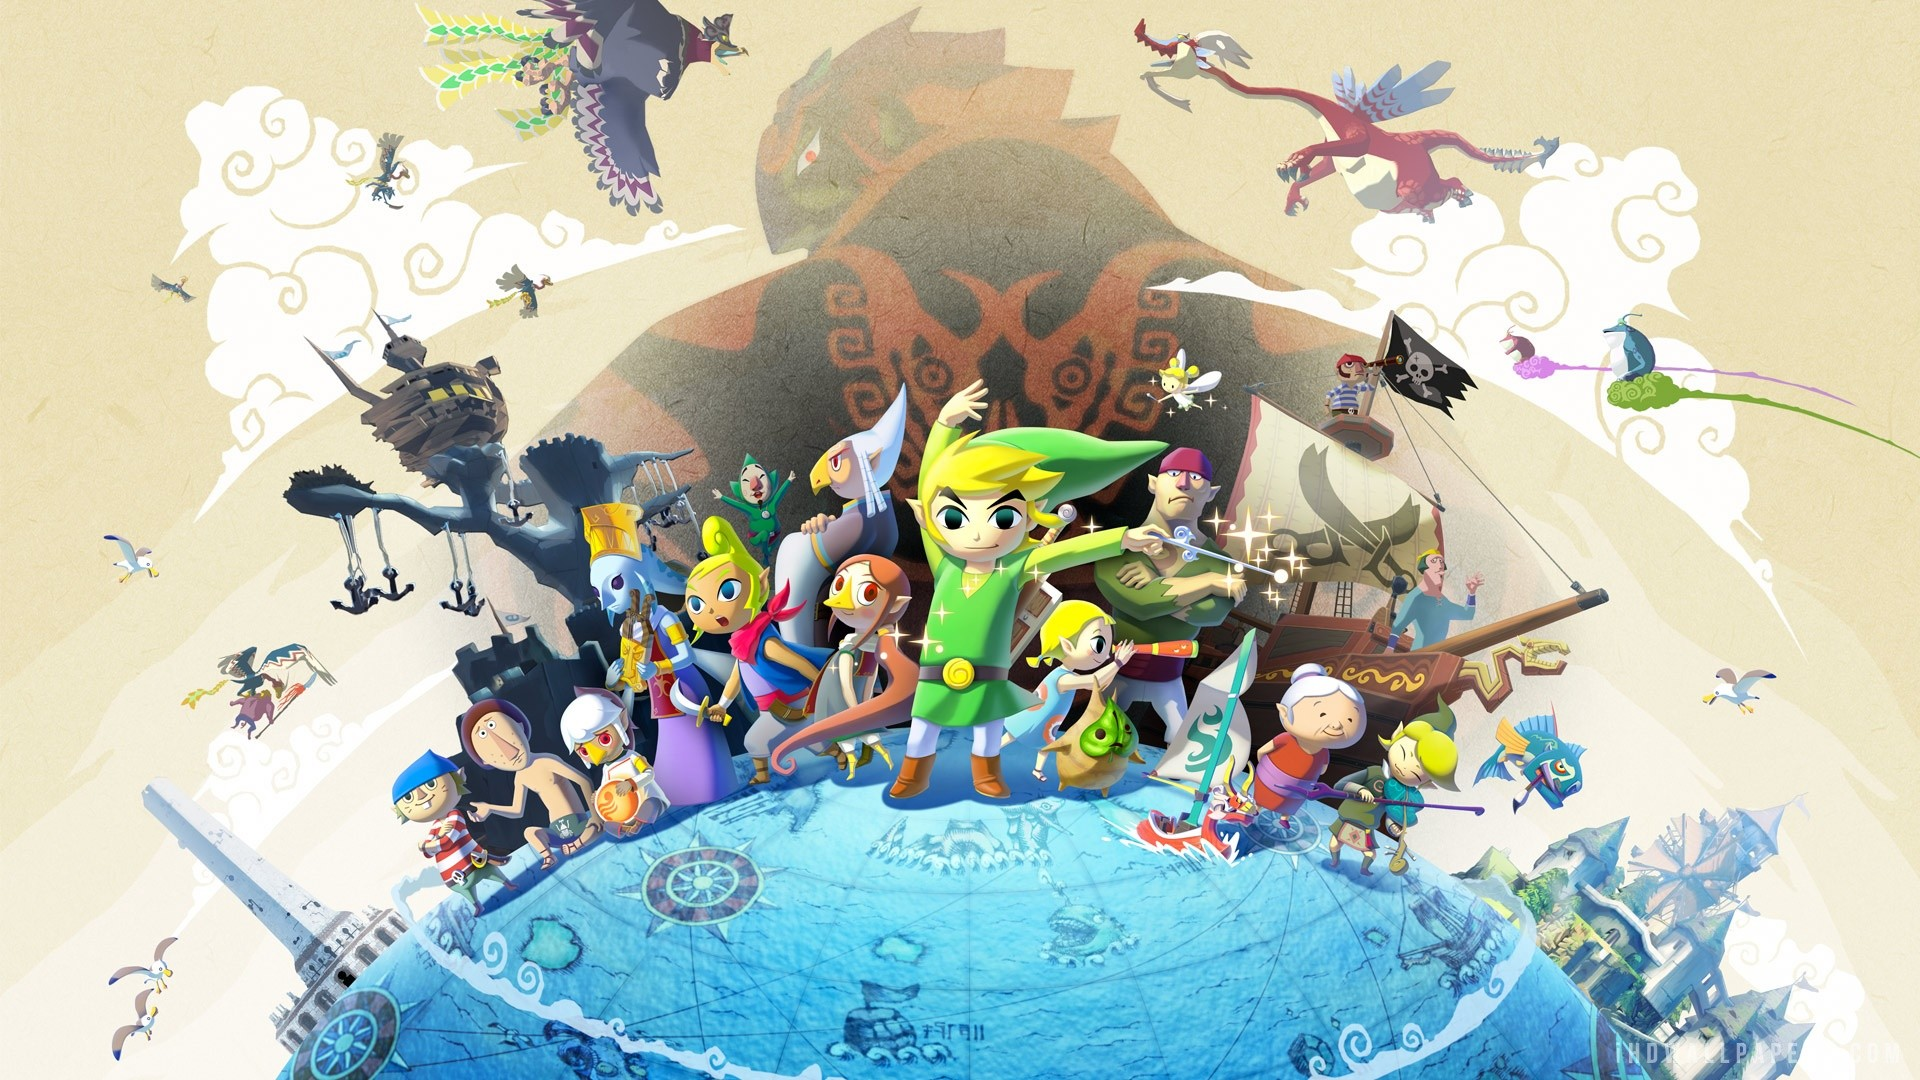 Legend Of Zelda Wallpaper 1080p